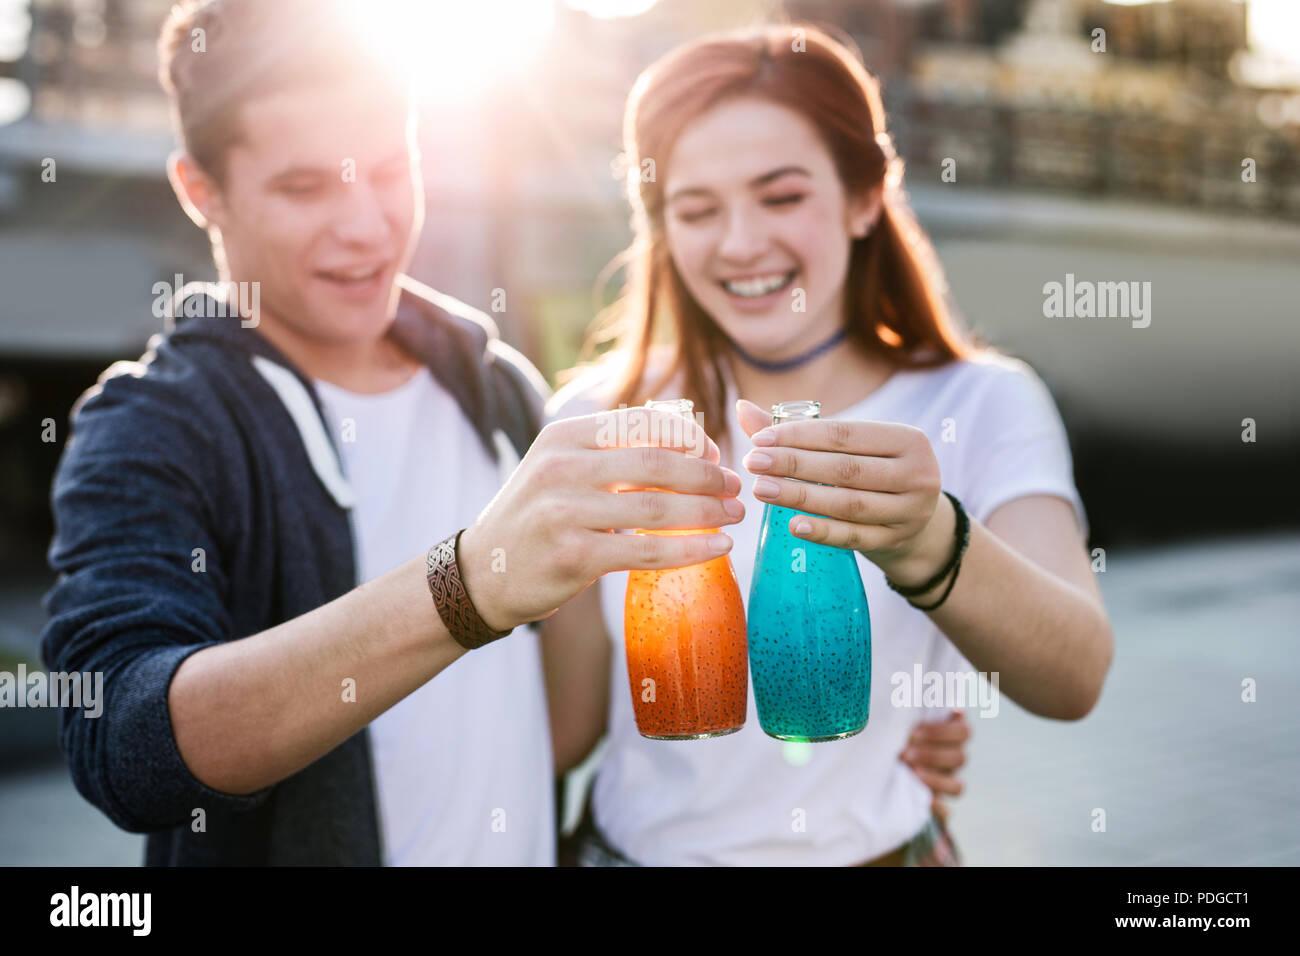 El enfoque selectivo de sabrosas bebidas tan delicioso. Imagen De Stock